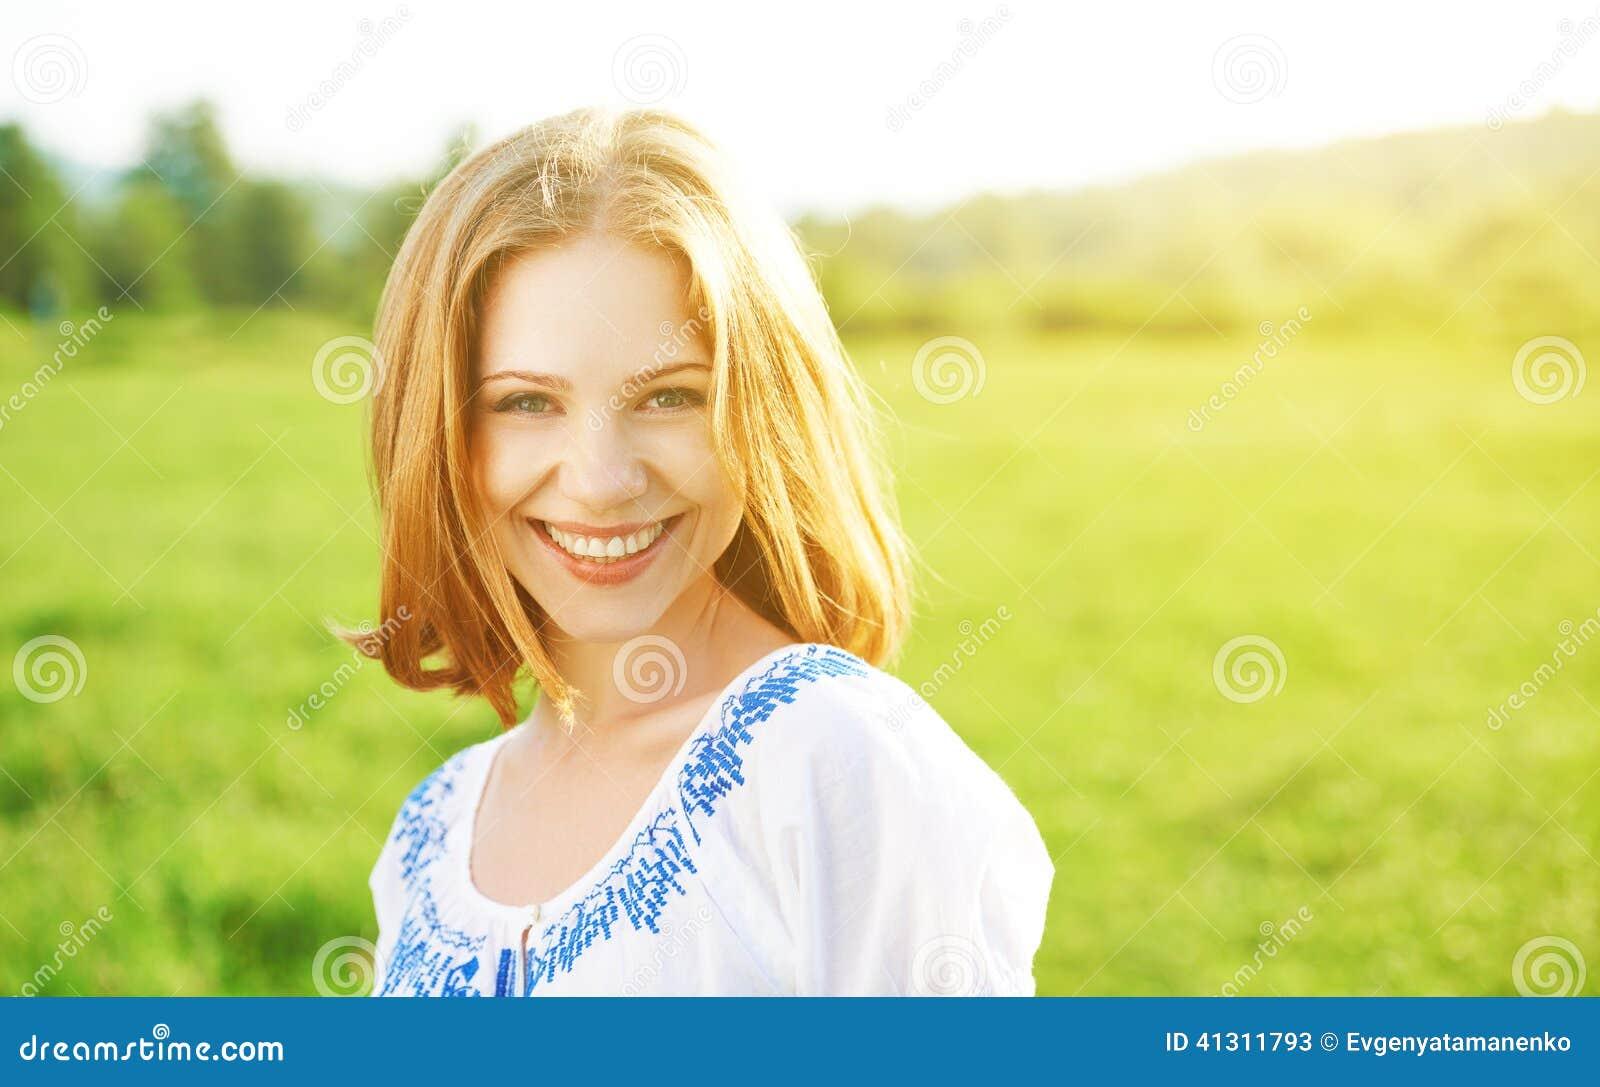 Jovem mulher bonita feliz que ri e que sorri na natureza